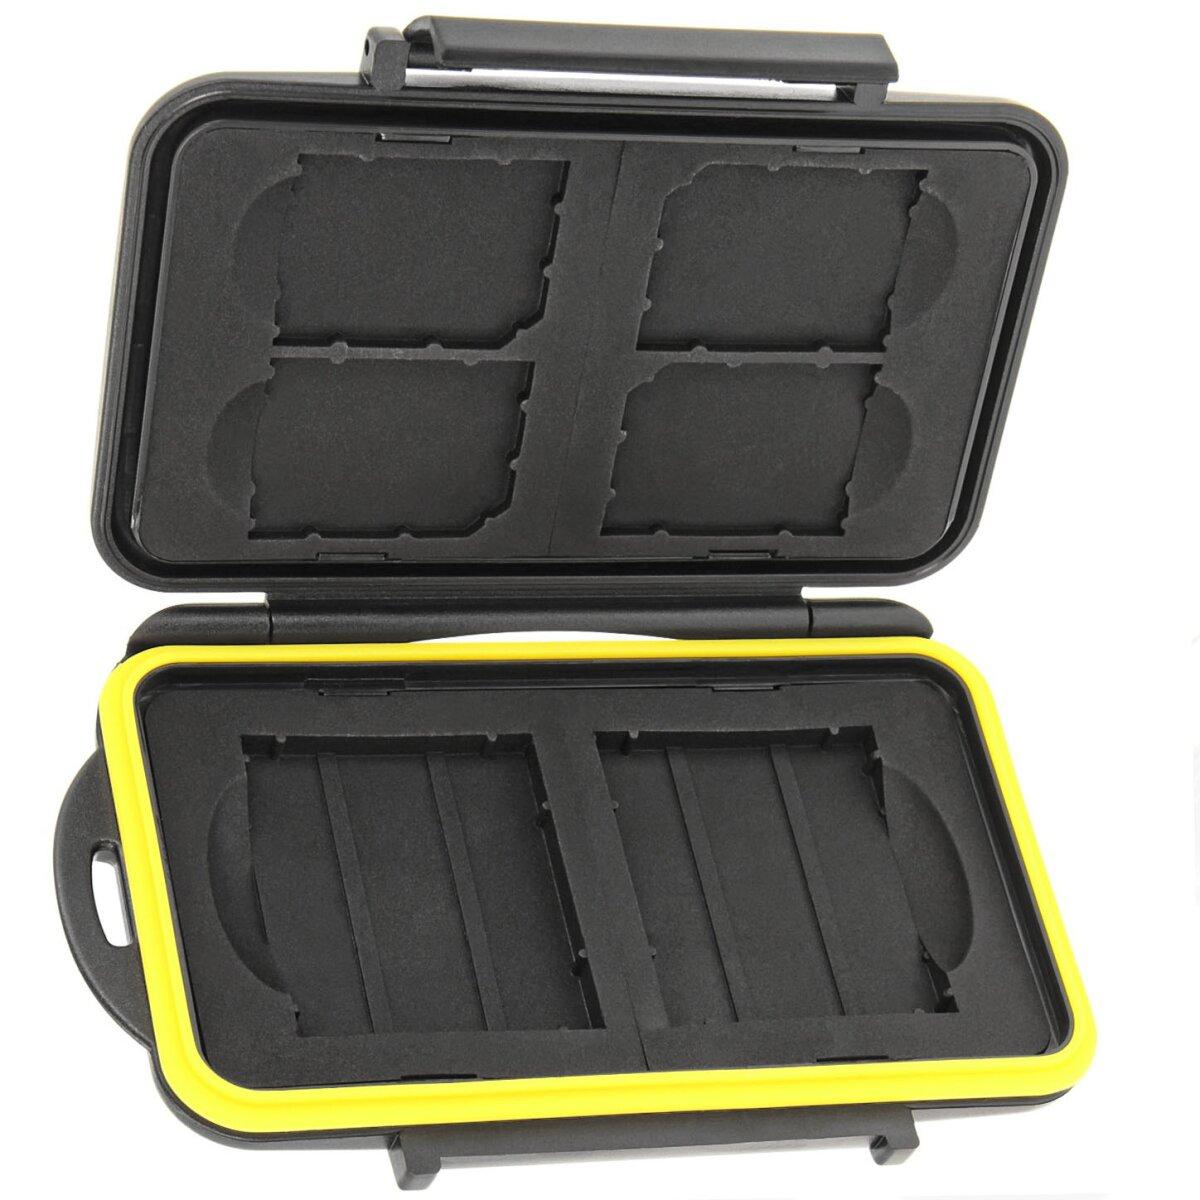 Speicherkarten- Aufbewahrungs Etui Box Schutzbox Hartcase Safe für 4 x SD und 2 x CF-Karten